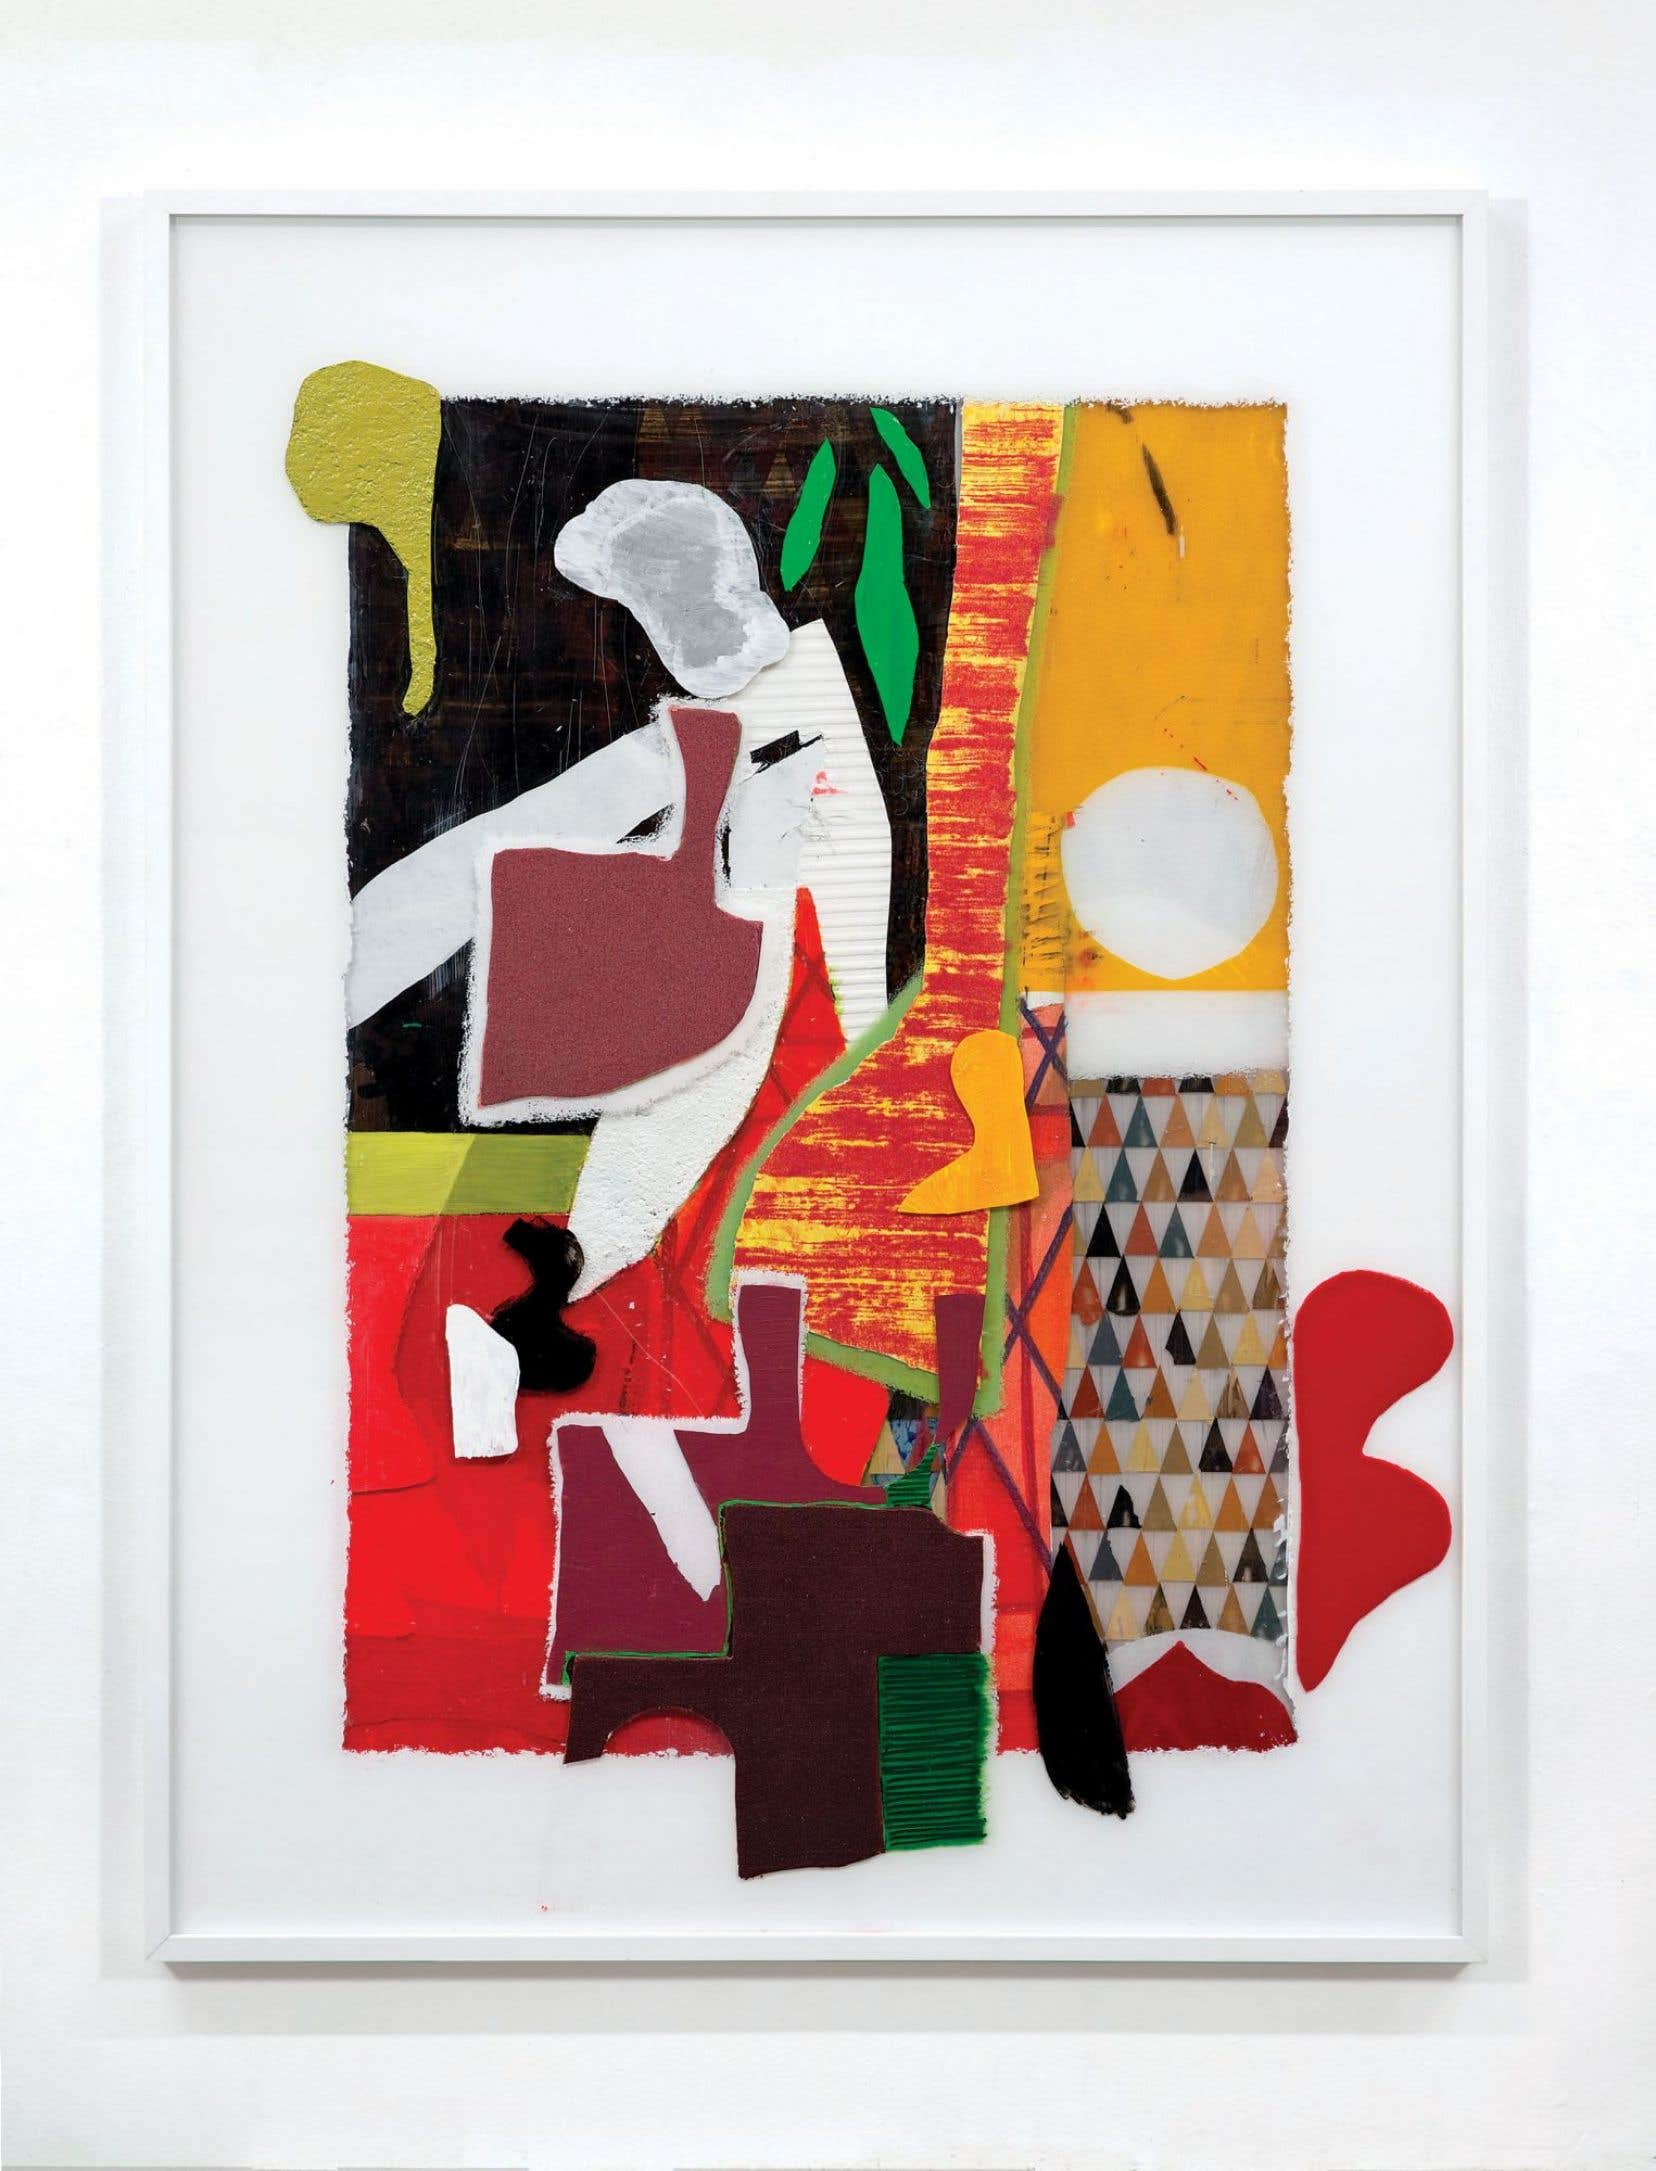 «The Jay Crieth», Dil Hildebrand. 2017, acrylique, résine, fibre de nylon et sable sur panneau acrylique